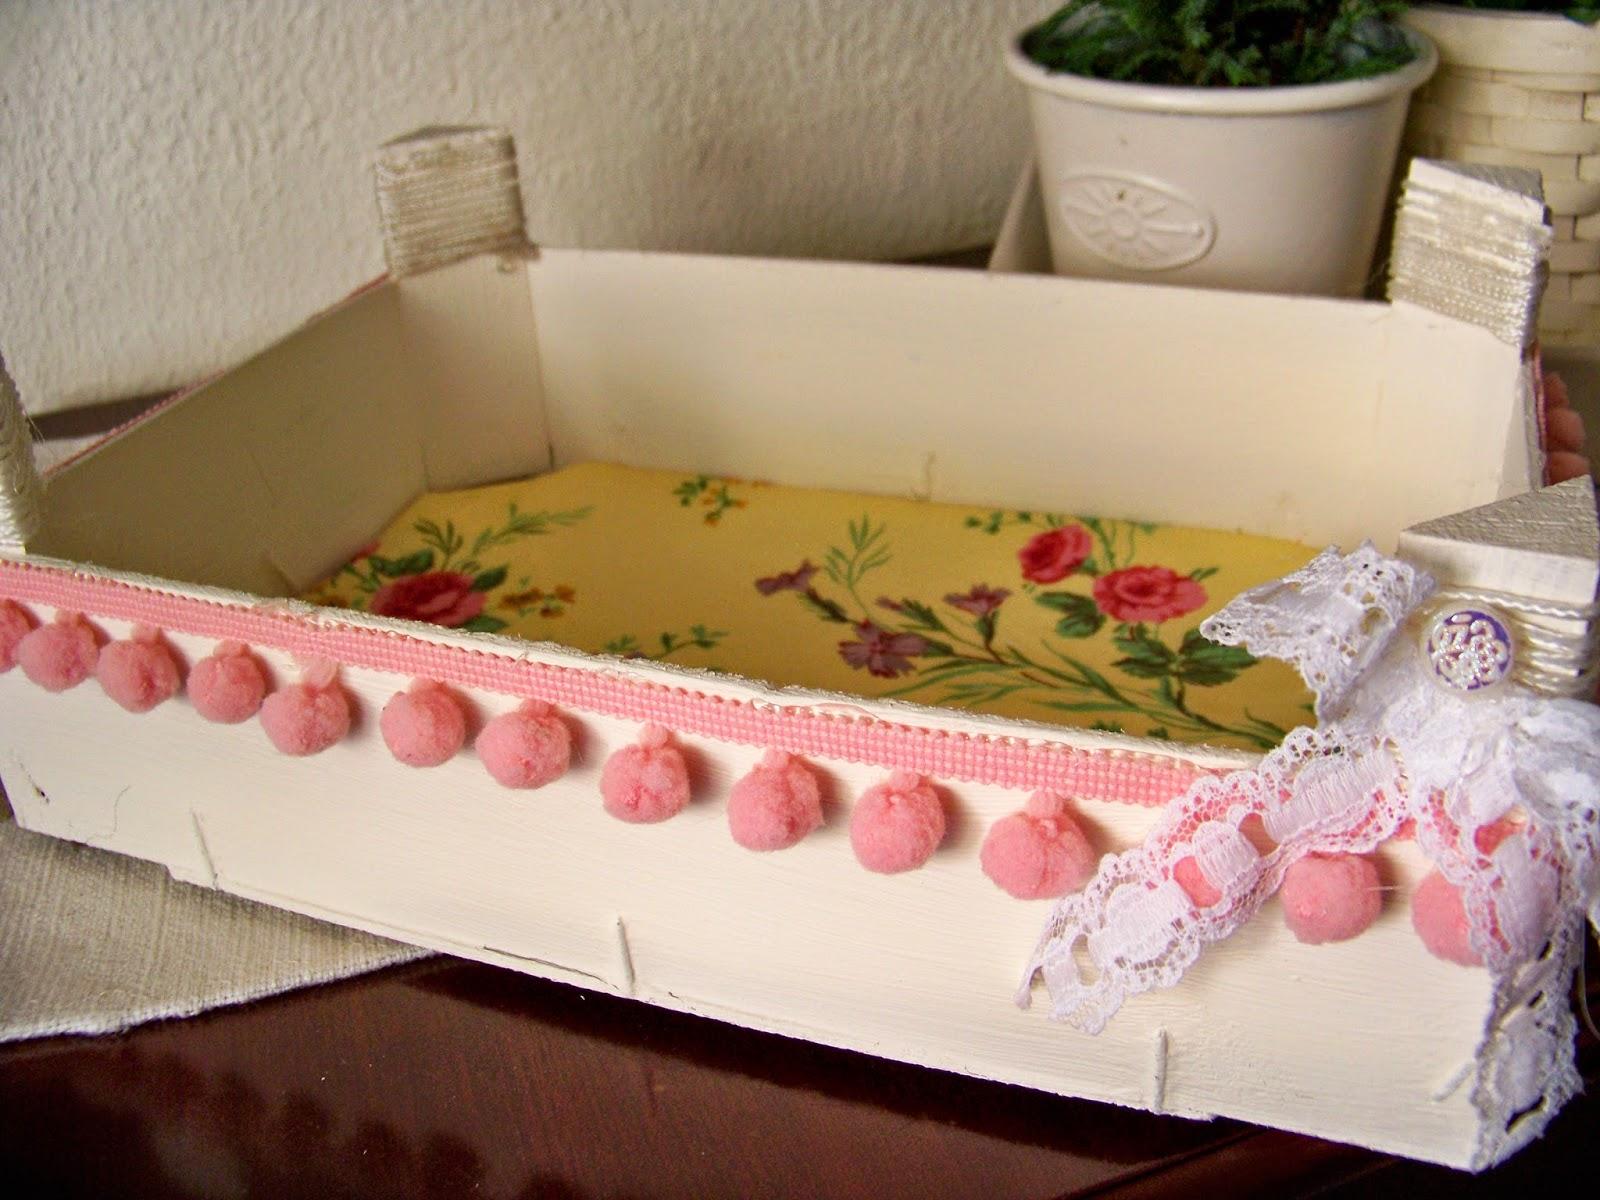 Come Y Disfruta De Vuelta con un DIY Cajas decoradas